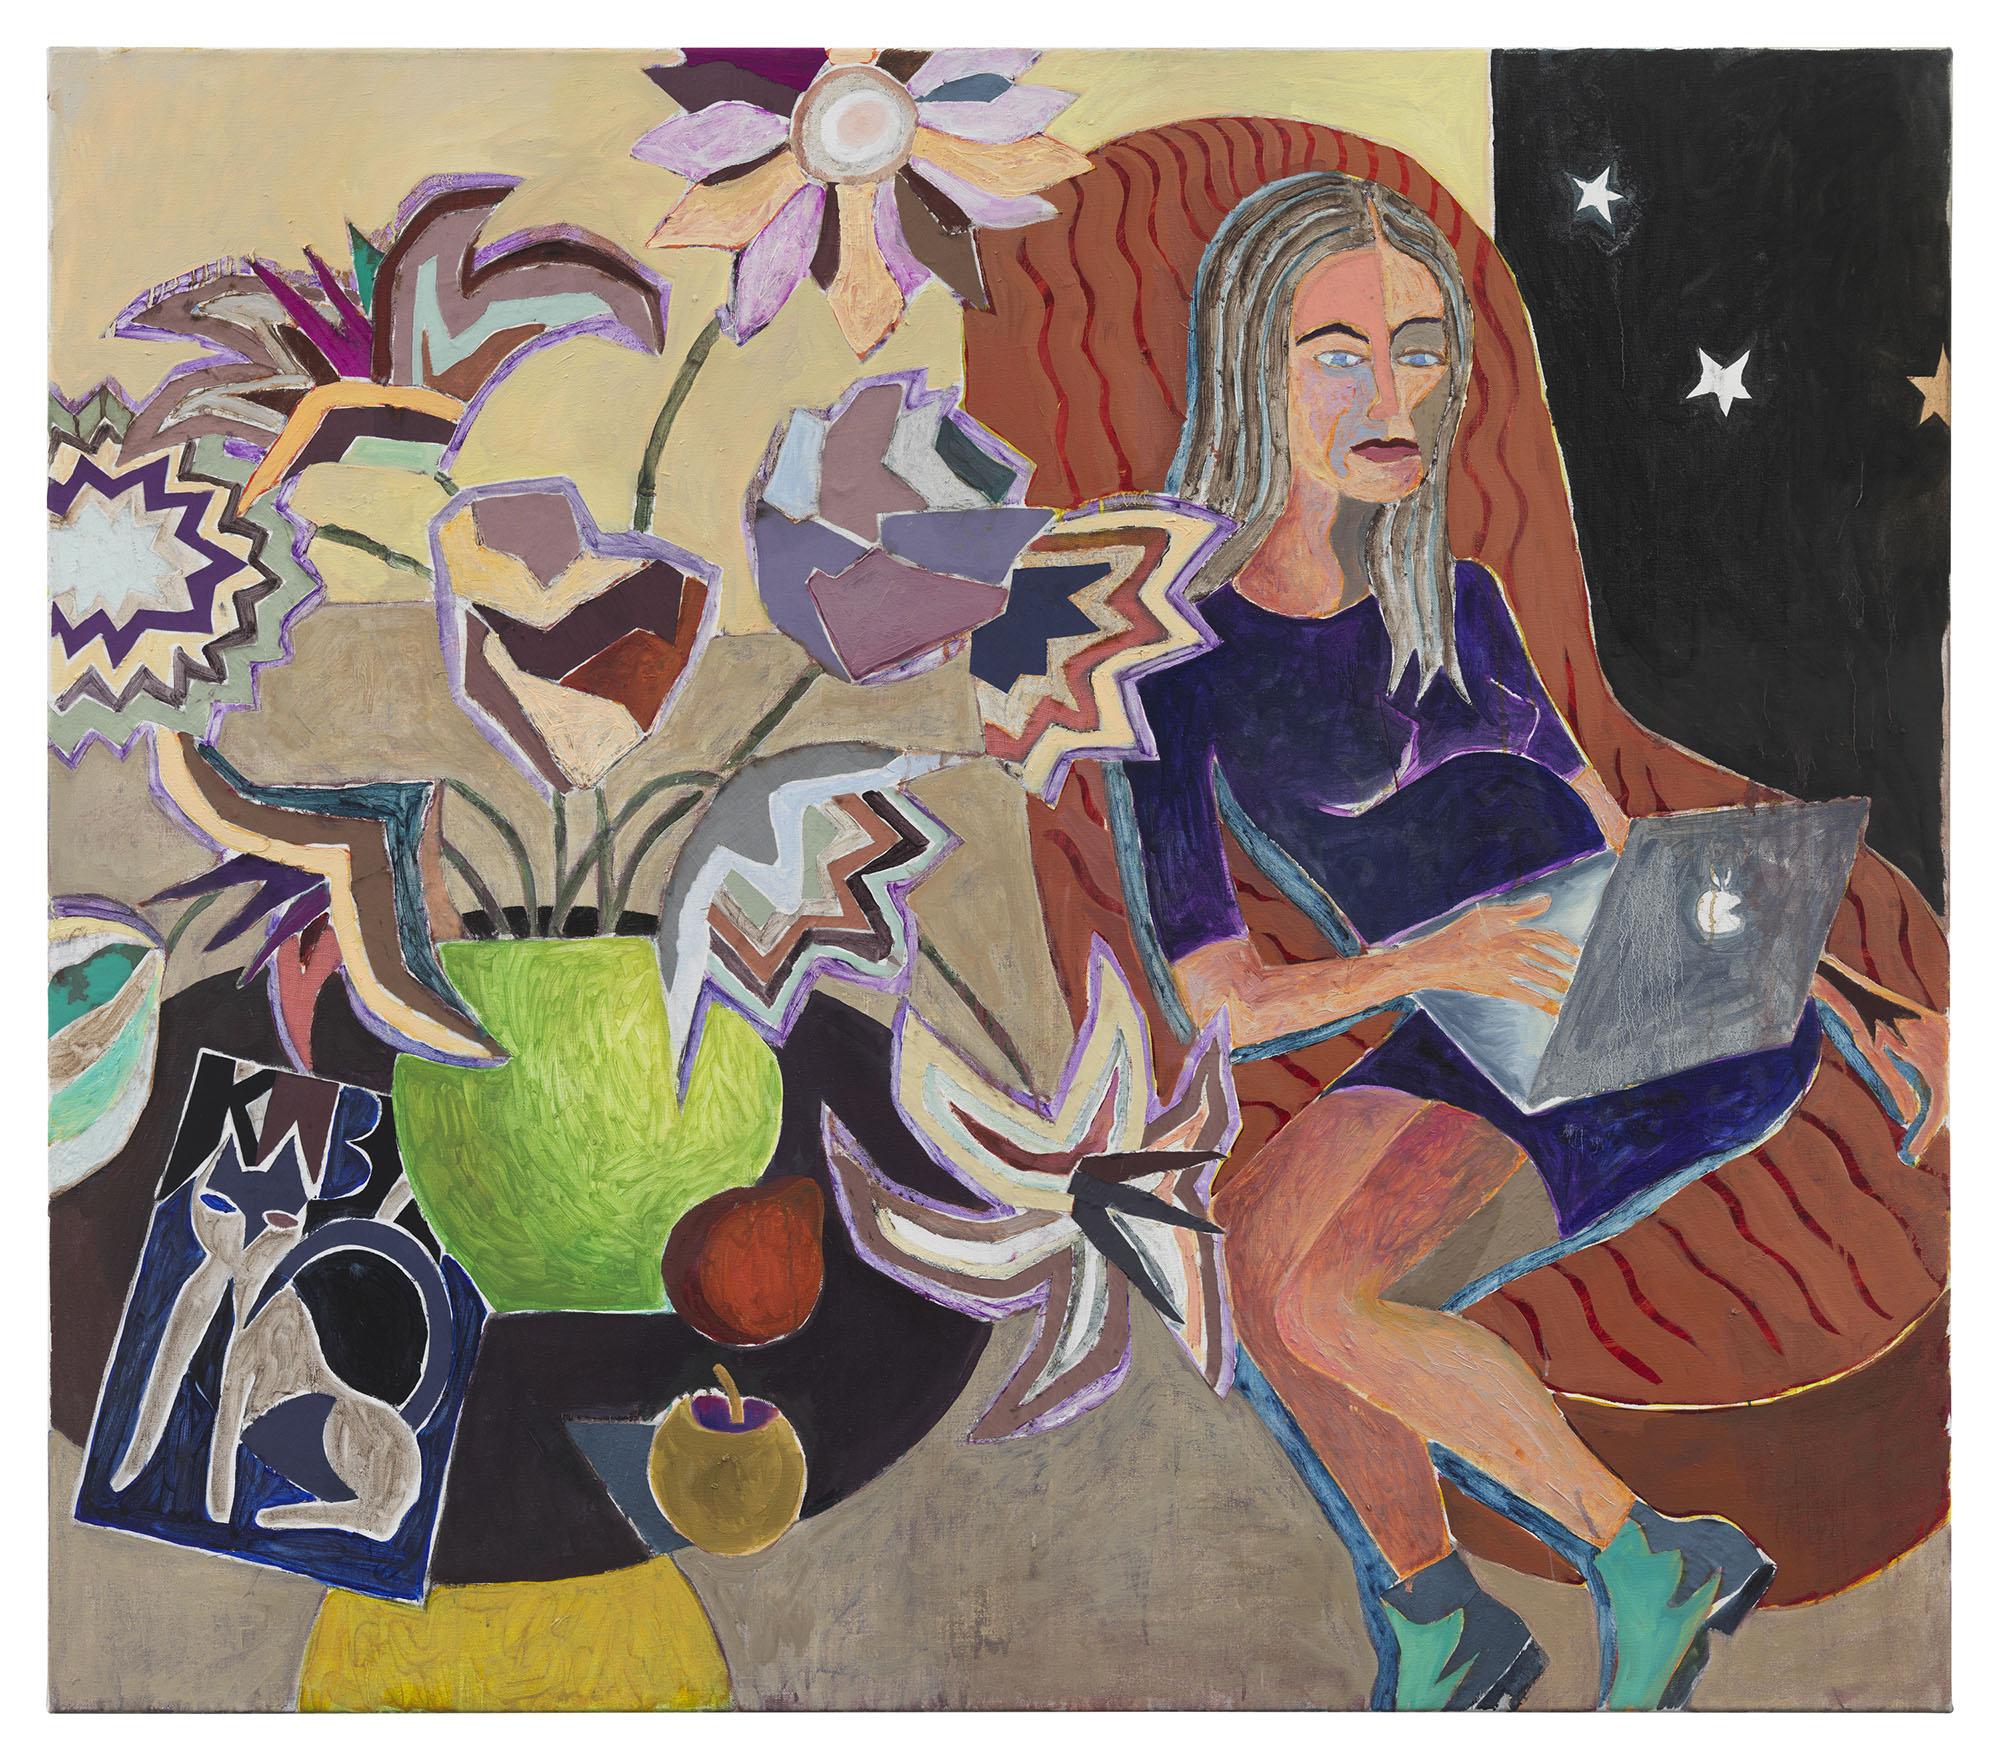 12 - Armin Boehm at Susanne Vielmetter LA